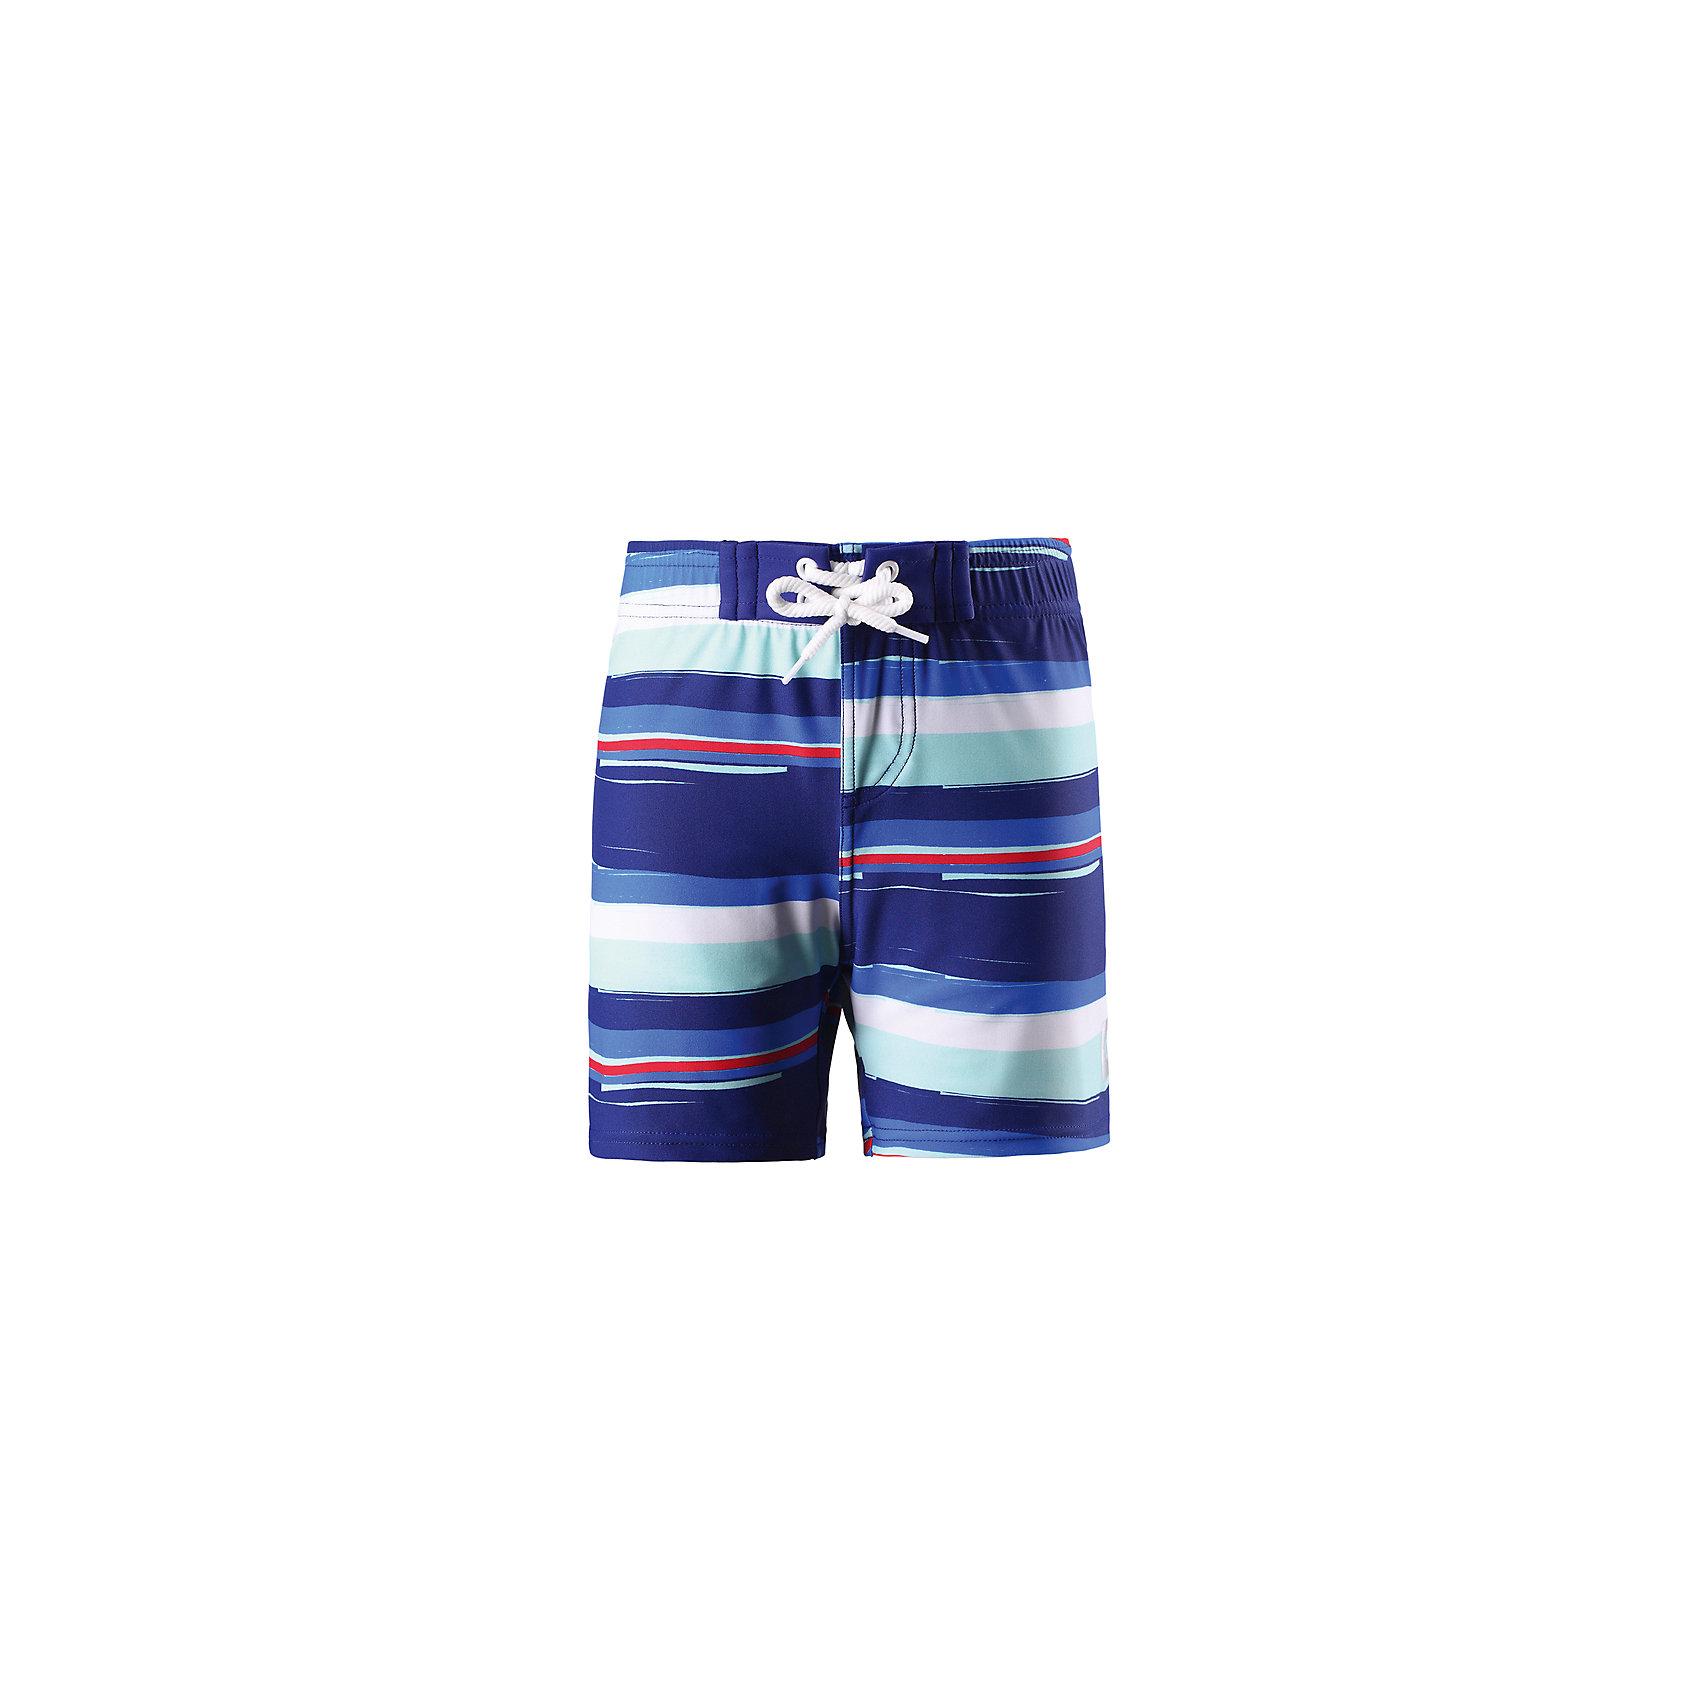 Шорты купальные Biitzi для мальчика ReimaОдежда<br>Характеристики товара:<br><br>• цвет: синий<br>• состав: 80% полиамид, 20% эластан<br>• фактор защиты от ультрафиолета: 50+<br>• для плавания и игр на пляже<br>• эластичная подкладка <br>• эластичный пояс<br>• декорированы принтом<br>• комфортная посадка<br>• страна производства: Китай<br>• страна бренда: Финляндия<br>• коллекция: весна-лето 2017<br><br>Одежда для купания может быть модной и комфортной одновременно! Удобные плавательные шорты SunProof помогут обеспечить ребенку комфорт - они не стесняют движения и обеспечивают защиту от ультрафиолета. Плавательные шорты сшиты из материала, который быстро сохнет. Модель стильно смотрится, отлично сочетается с различными головными уборами и обувью. Стильный дизайн разрабатывался специально для детей.<br><br>Одежда и обувь от финского бренда Reima пользуется популярностью во многих странах. Эти изделия стильные, качественные и удобные. Для производства продукции используются только безопасные, проверенные материалы и фурнитура. Порадуйте ребенка модными и красивыми вещами от Reima! <br><br>Шорты купальные для мальчика от финского бренда Reima (Рейма) можно купить в нашем интернет-магазине.<br><br>Ширина мм: 183<br>Глубина мм: 60<br>Высота мм: 135<br>Вес г: 119<br>Цвет: синий<br>Возраст от месяцев: 96<br>Возраст до месяцев: 108<br>Пол: Мужской<br>Возраст: Детский<br>Размер: 134,140,104,128,92,98,110,116,122<br>SKU: 5266567